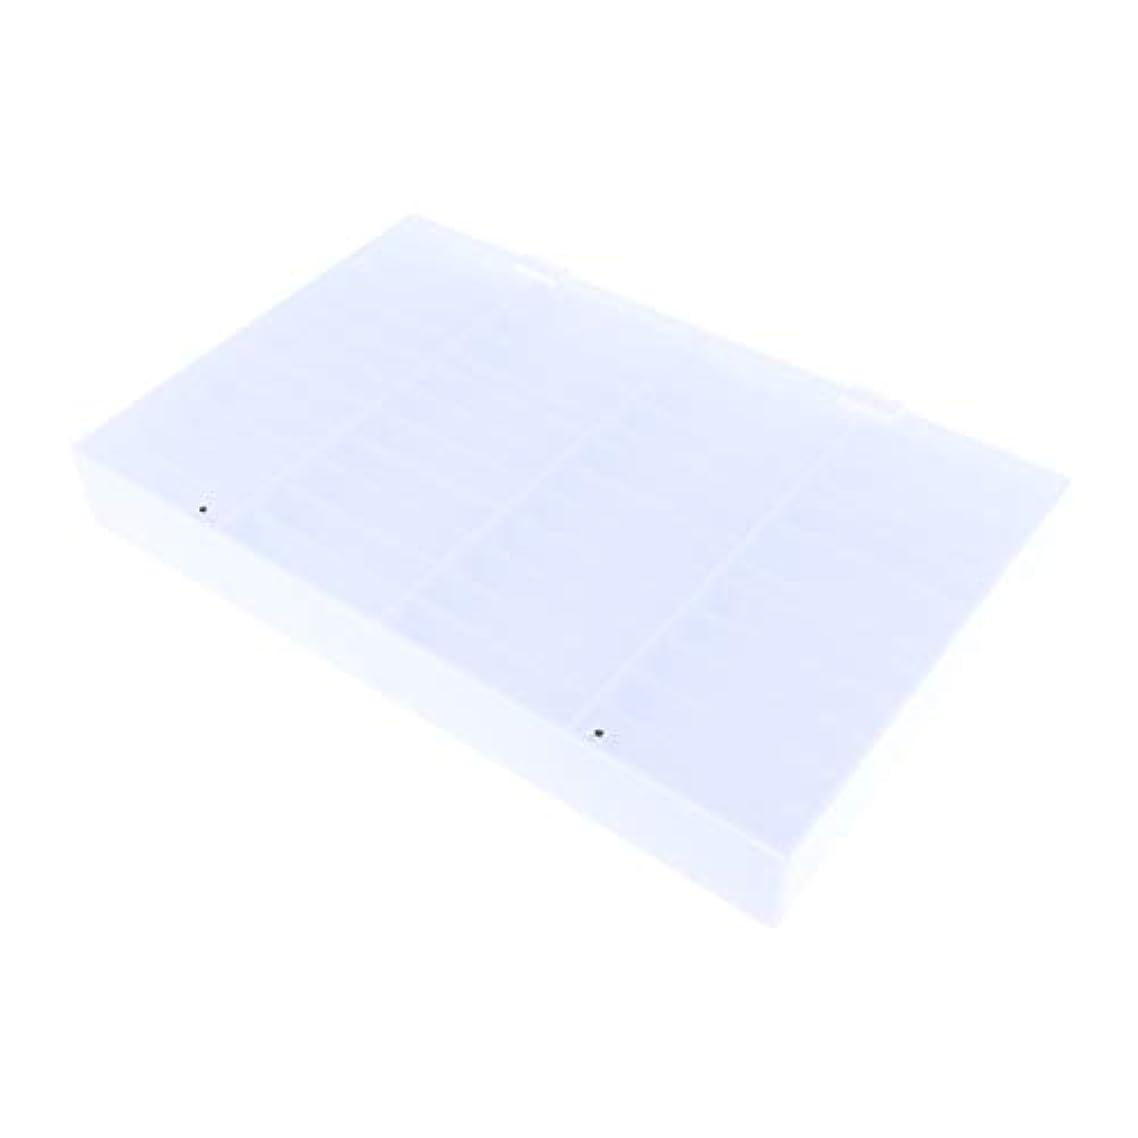 不適切な狼証言Toygogo ネイルチップ ネイルアート 装飾 小物 44仕切り 収納ボックス ディスプレイ ケース